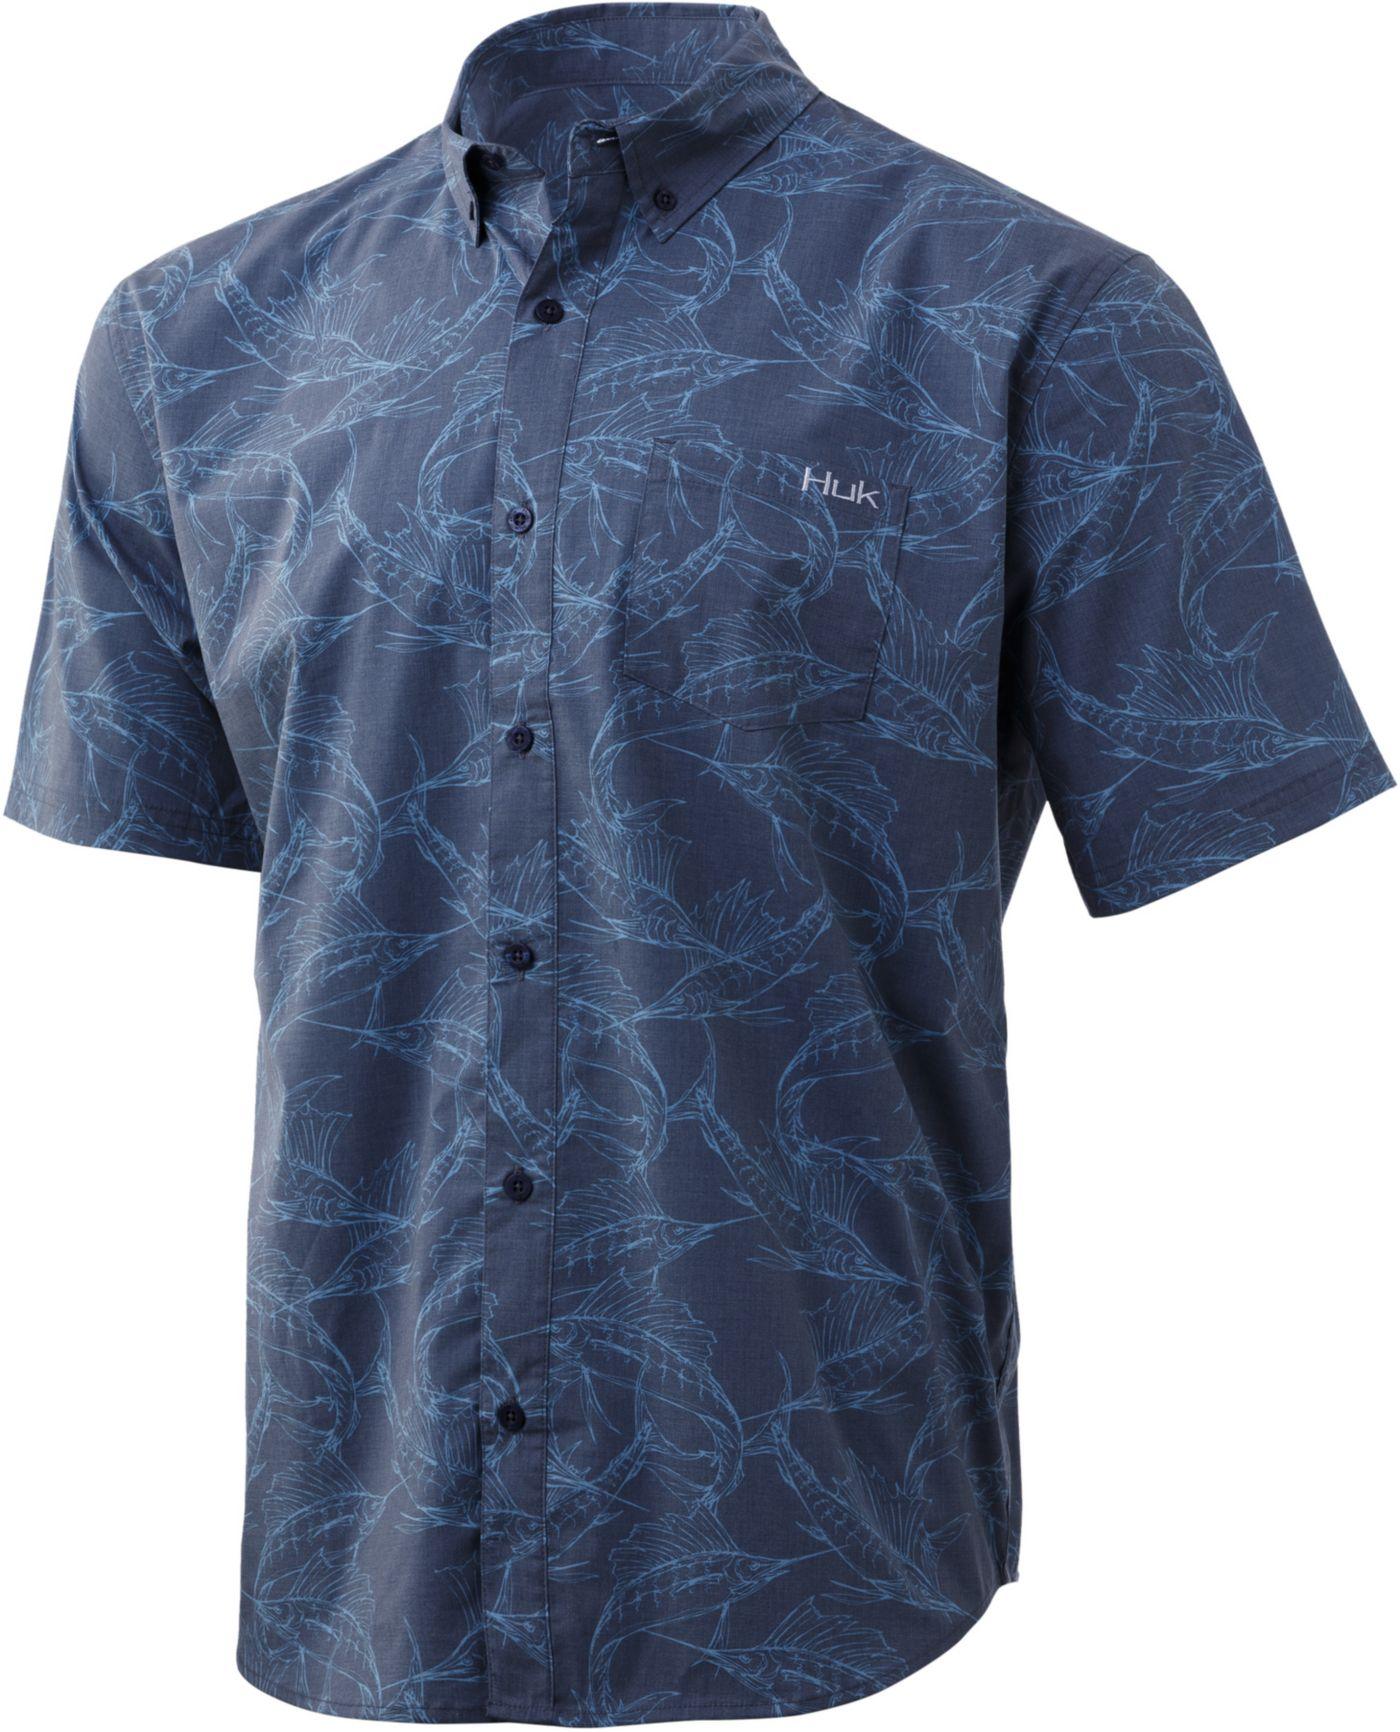 Huk Men's Kona Woven Short Sleeve Button Down Shirt